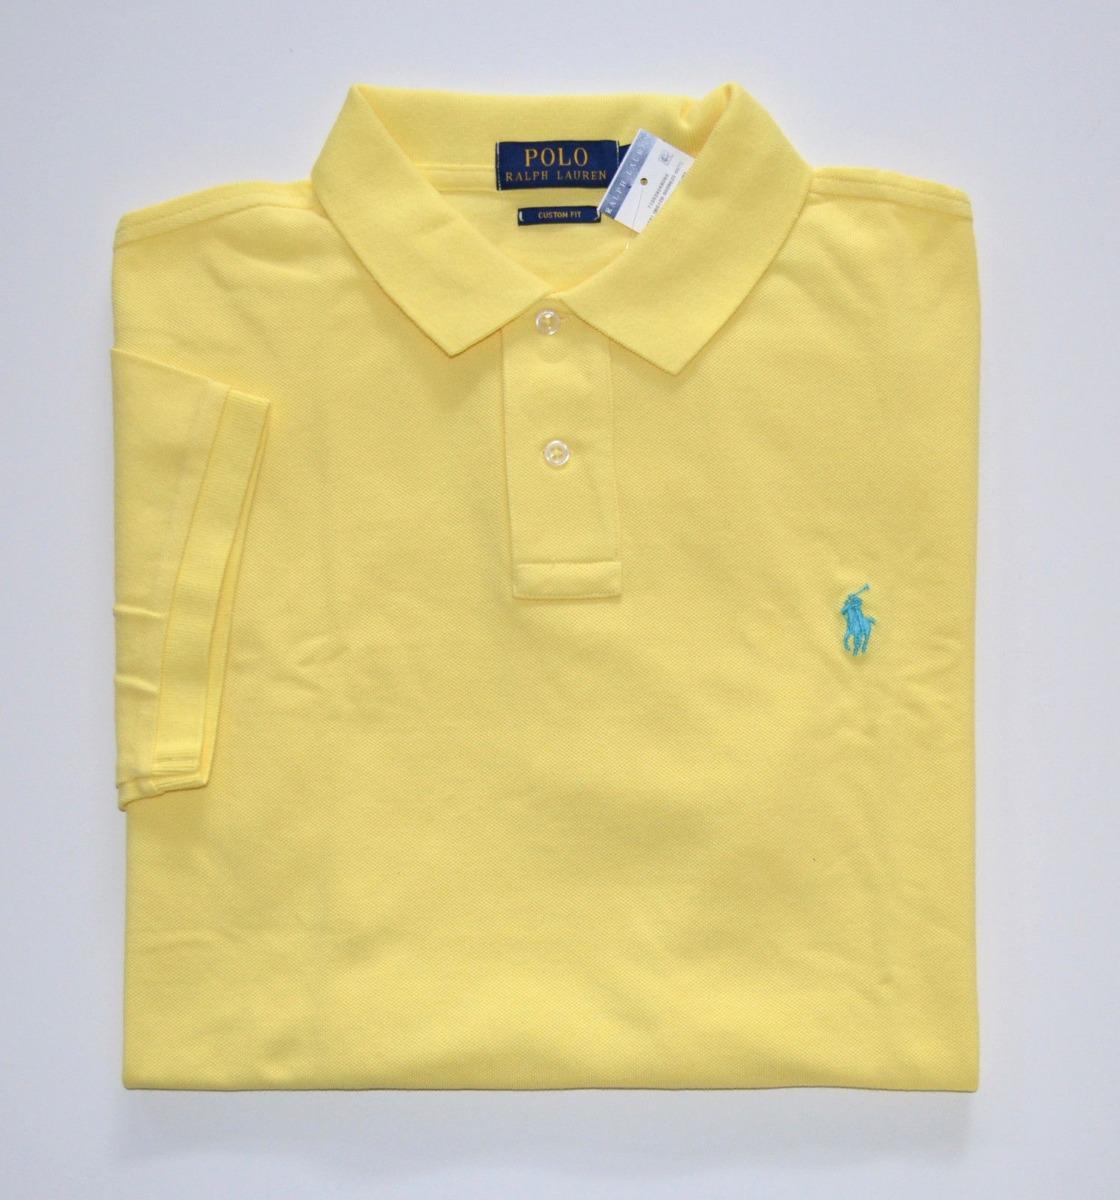 e70dae2309 055cde1017a camisa polo ralph lauren tamanho gg xl original custom fit.  Carregando zoom.